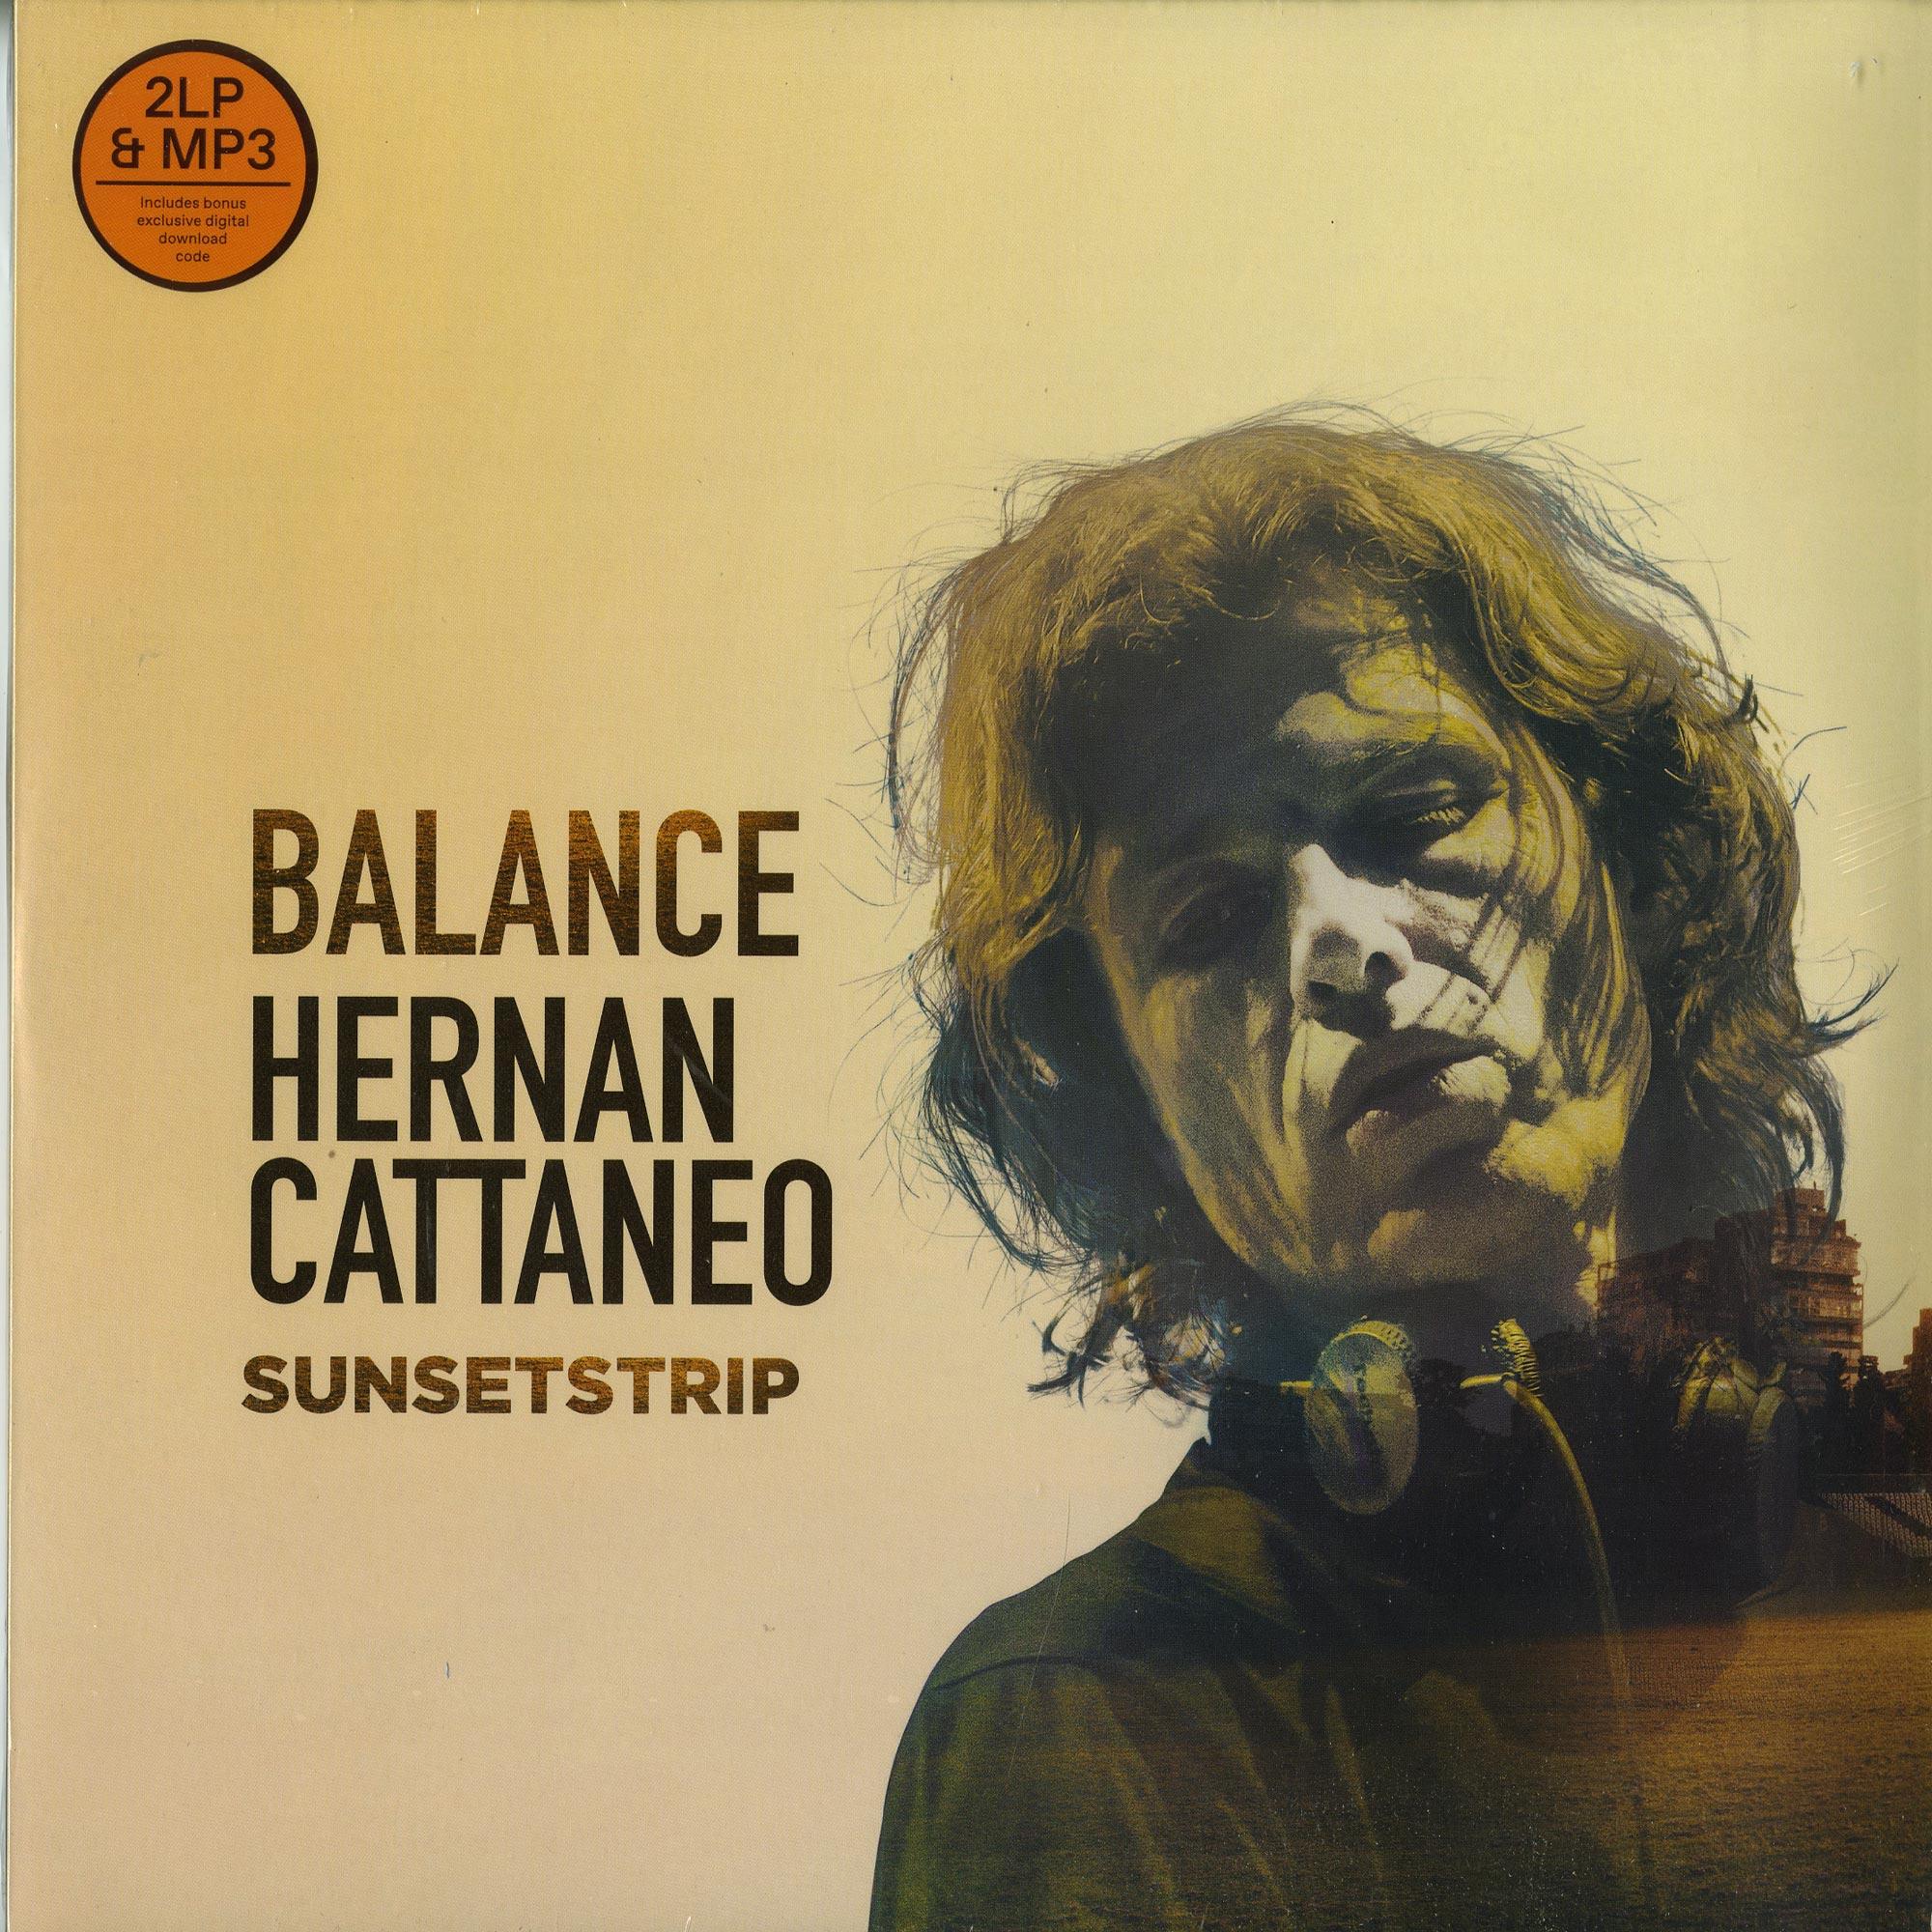 Hernan Cattaneo - BALANCE PRESENTS SUNSETSTRIP